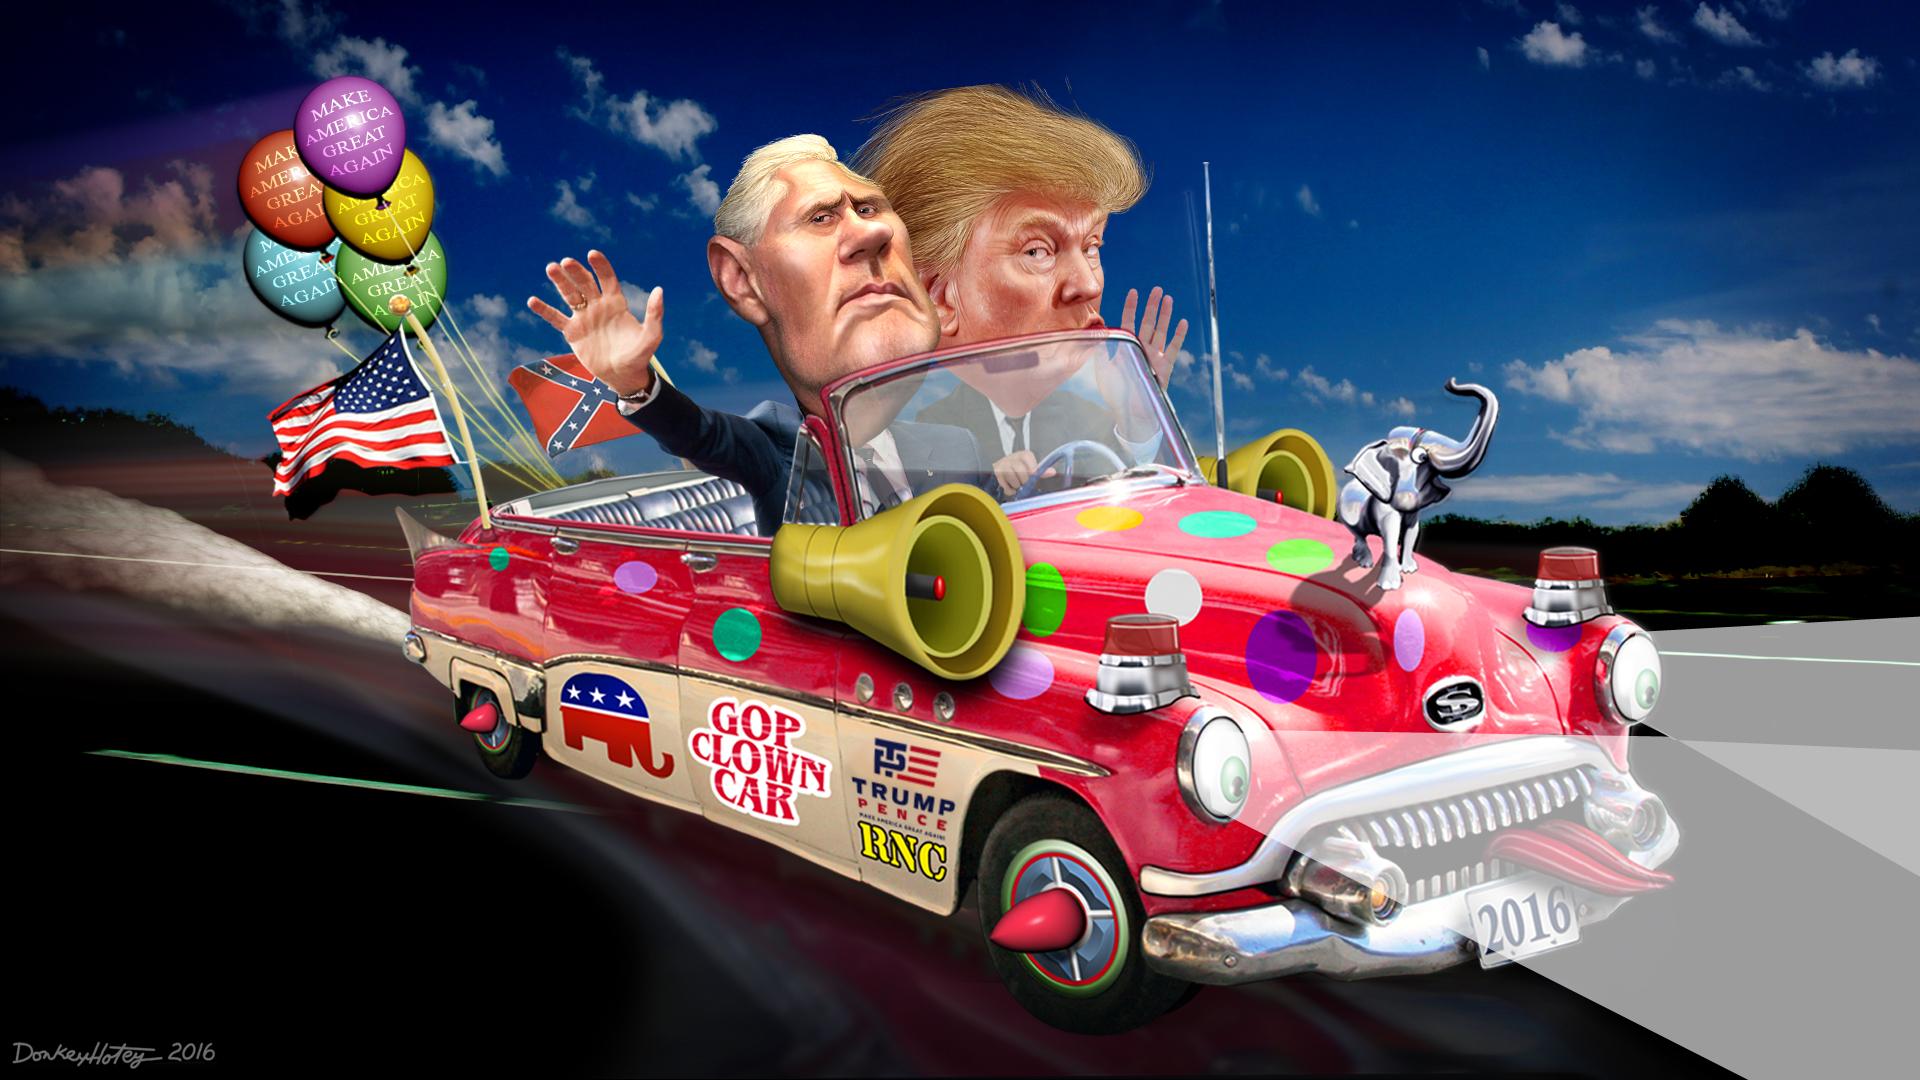 Trump_Pence_Clown_Car_2016.jpg